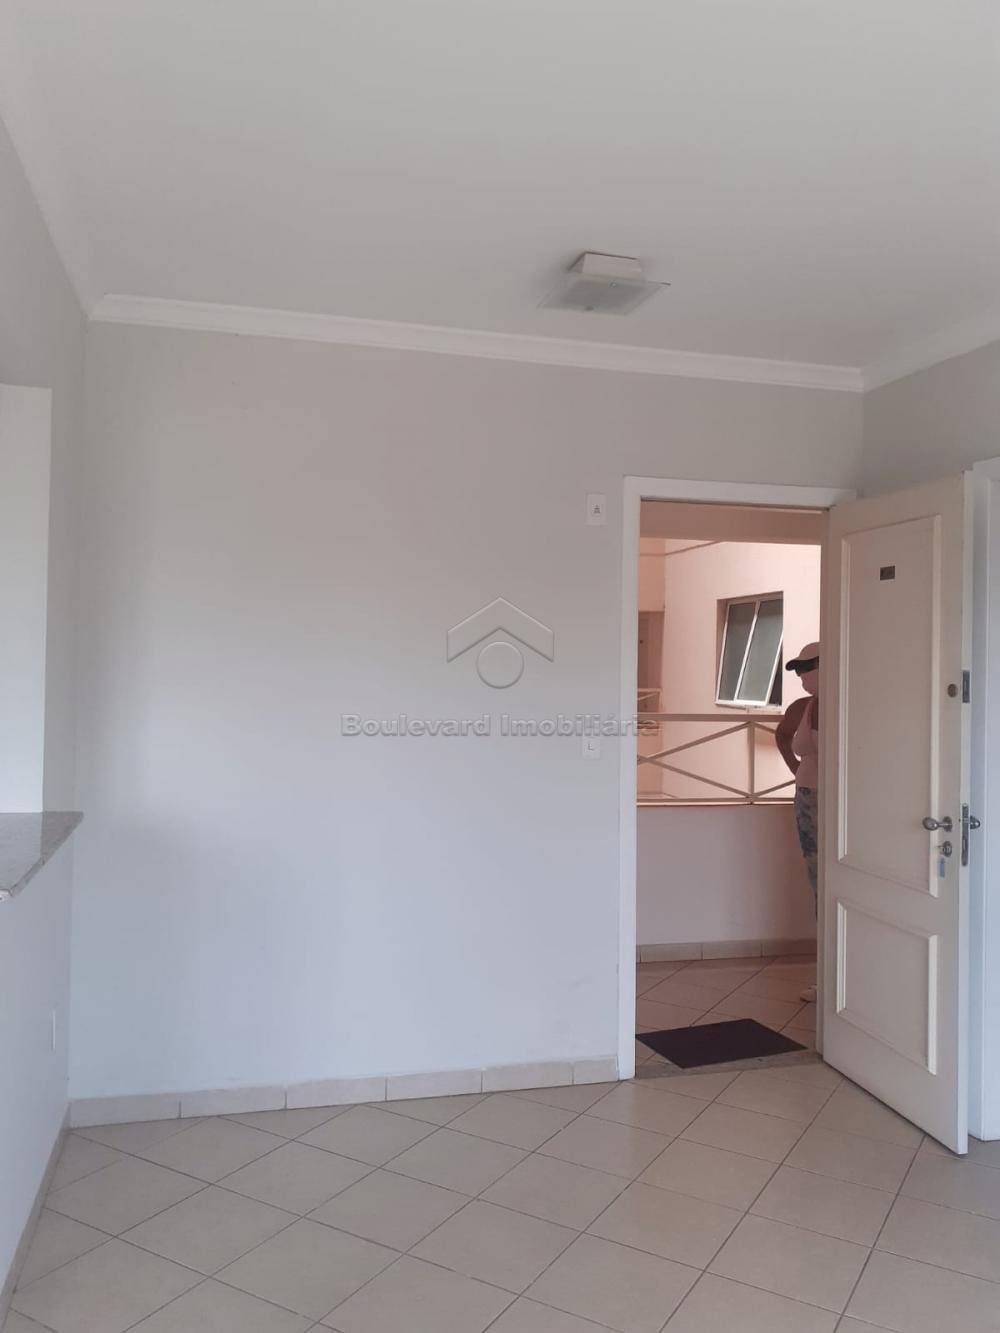 Alugar Apartamento / Padrão em Ribeirão Preto R$ 680,00 - Foto 1